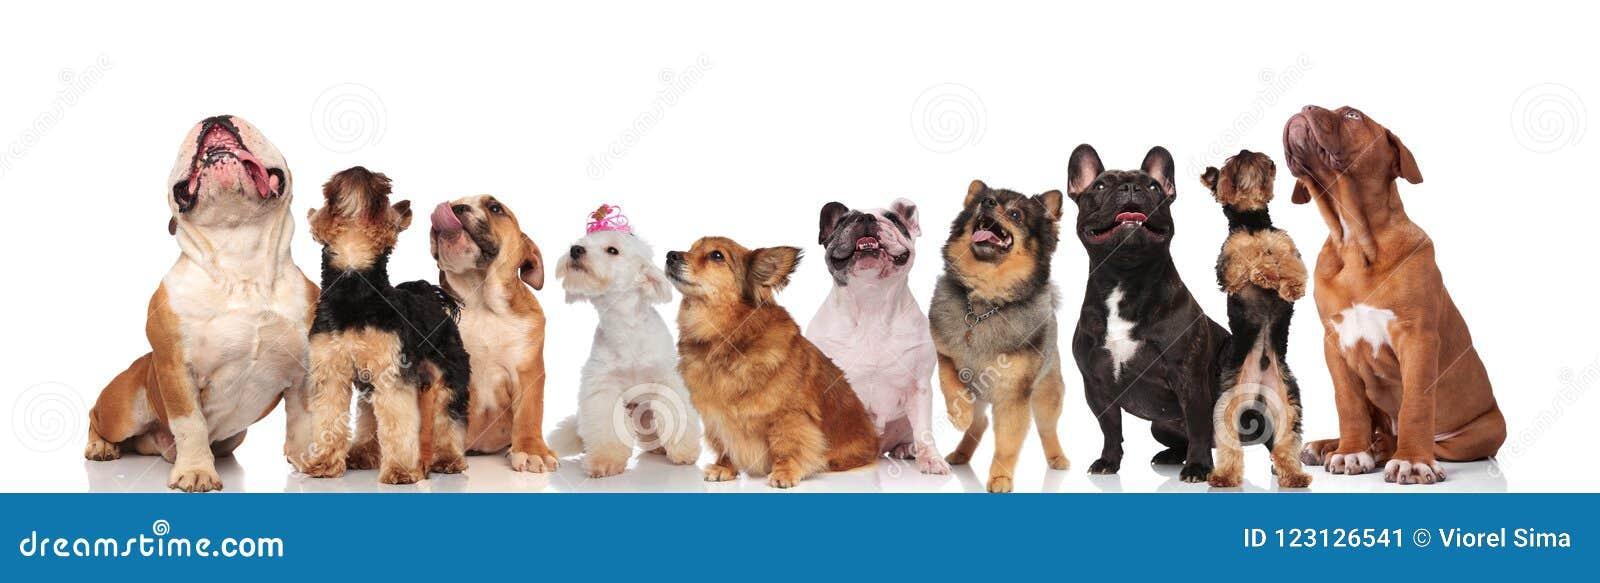 Unterschiedliche Zucht von den neugierigen oben schauenden und keuchenden Hunden